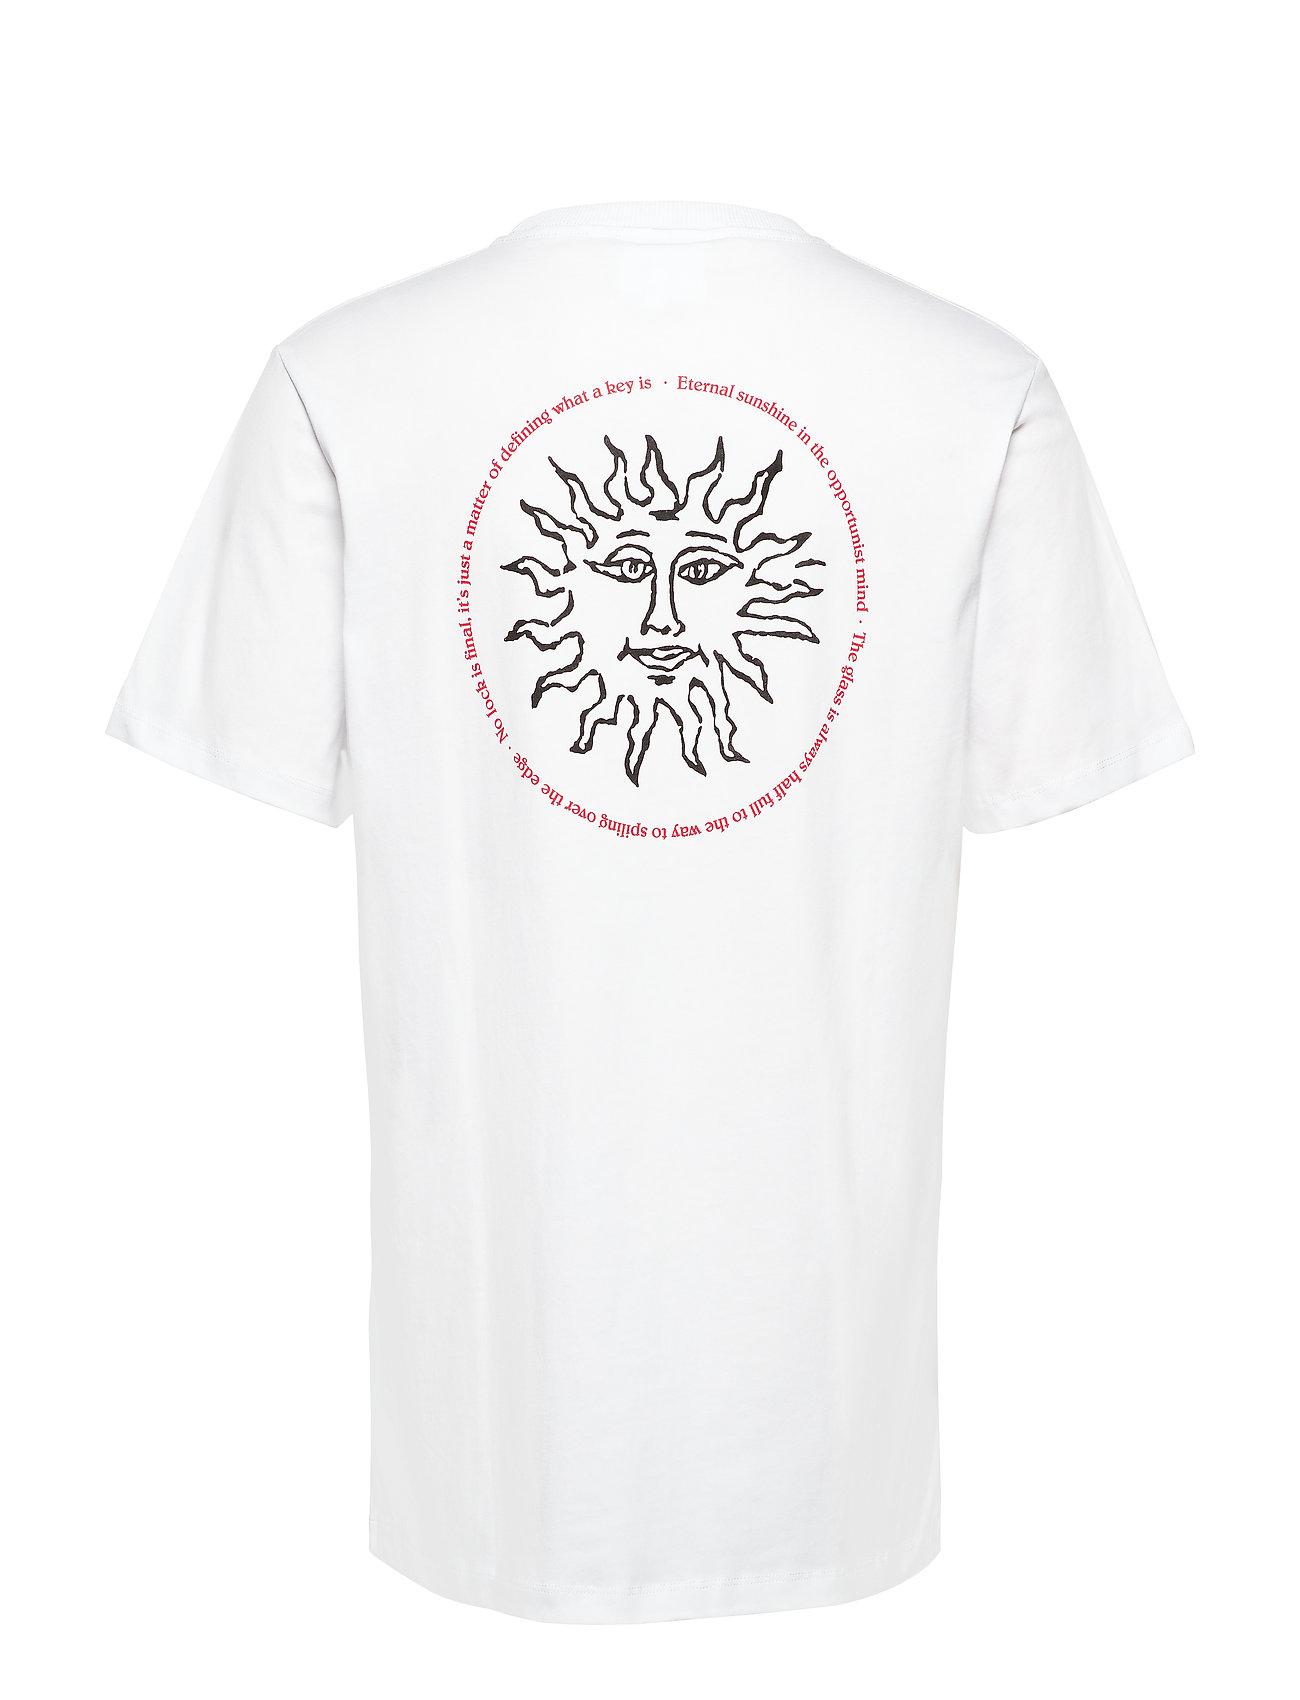 WPrintwhiteSoulland T WPrintwhiteSoulland Siv shirt shirt Siv T TK3lFJc1